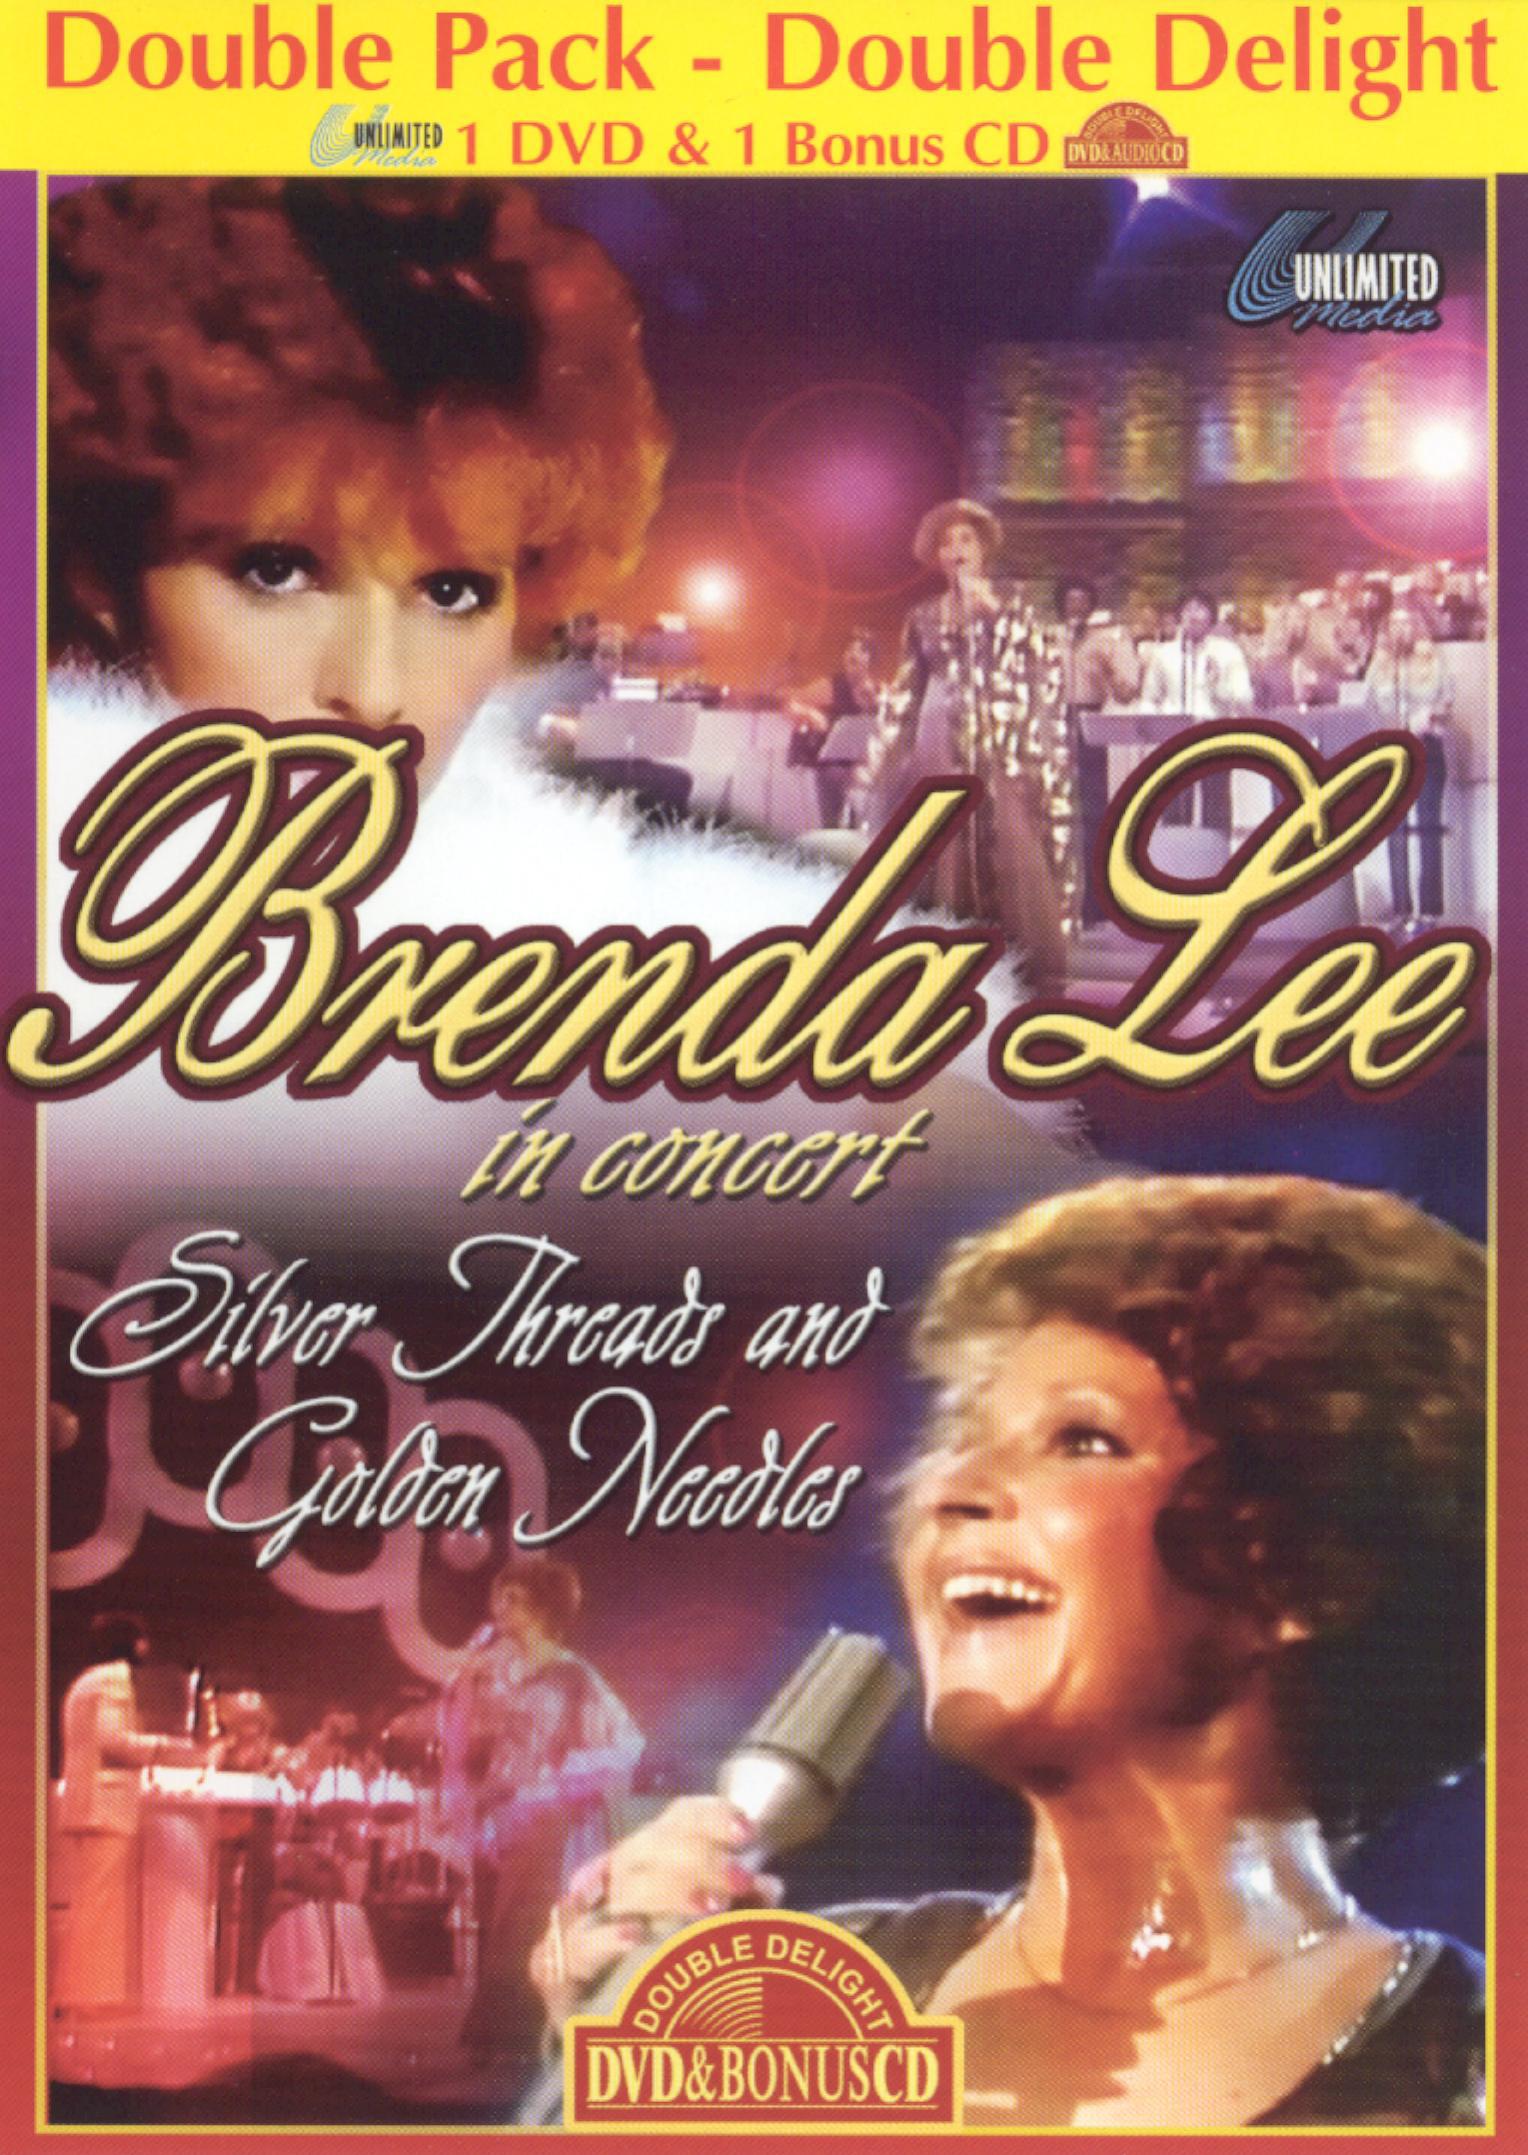 Brenda Lee: Silver Threads & Golden Needles - In Concert